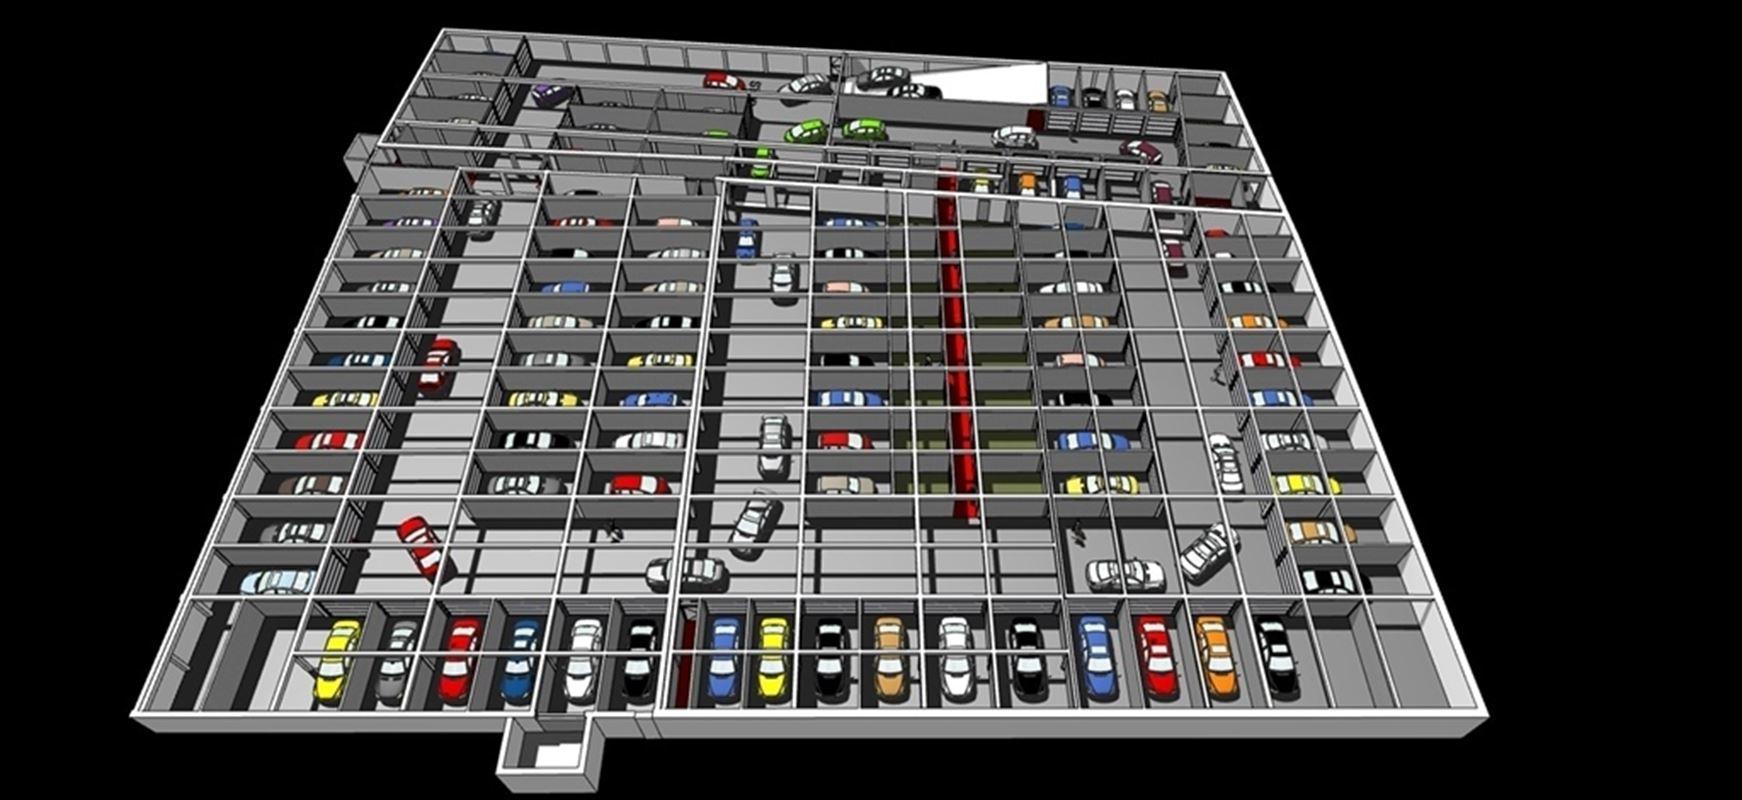 Garages de luxe à vendre situés à la Rue du Nouveau Monde à Mouscron : nombreuses prestations telles que la vidéo surveillance, prise de courant dans le garage, système d'éclairage led automatique, porte motorisée, nettoyage hebdomadaire....A partir de 21 700€ . Tél : 056/55 40 00